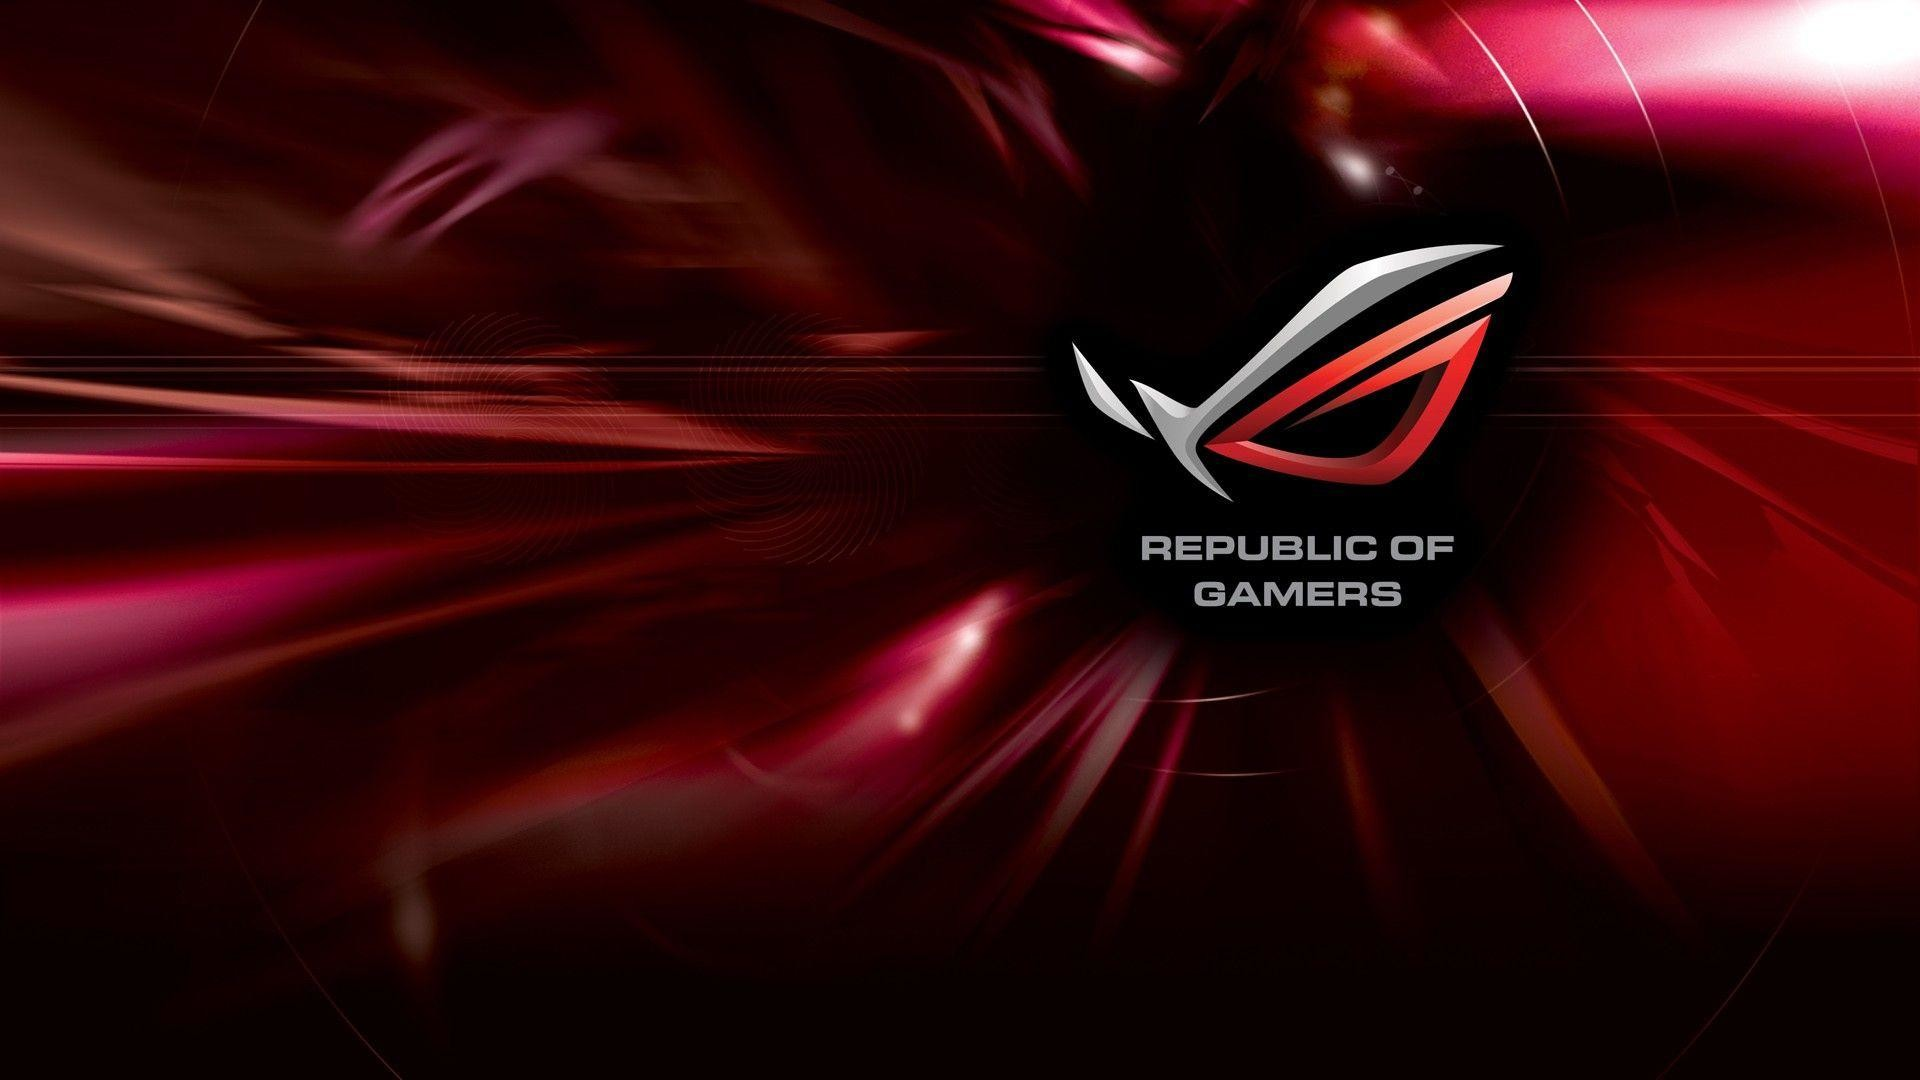 Asus wallpaper republic of gamers wallpaper – marshall amp wallpaper iphone